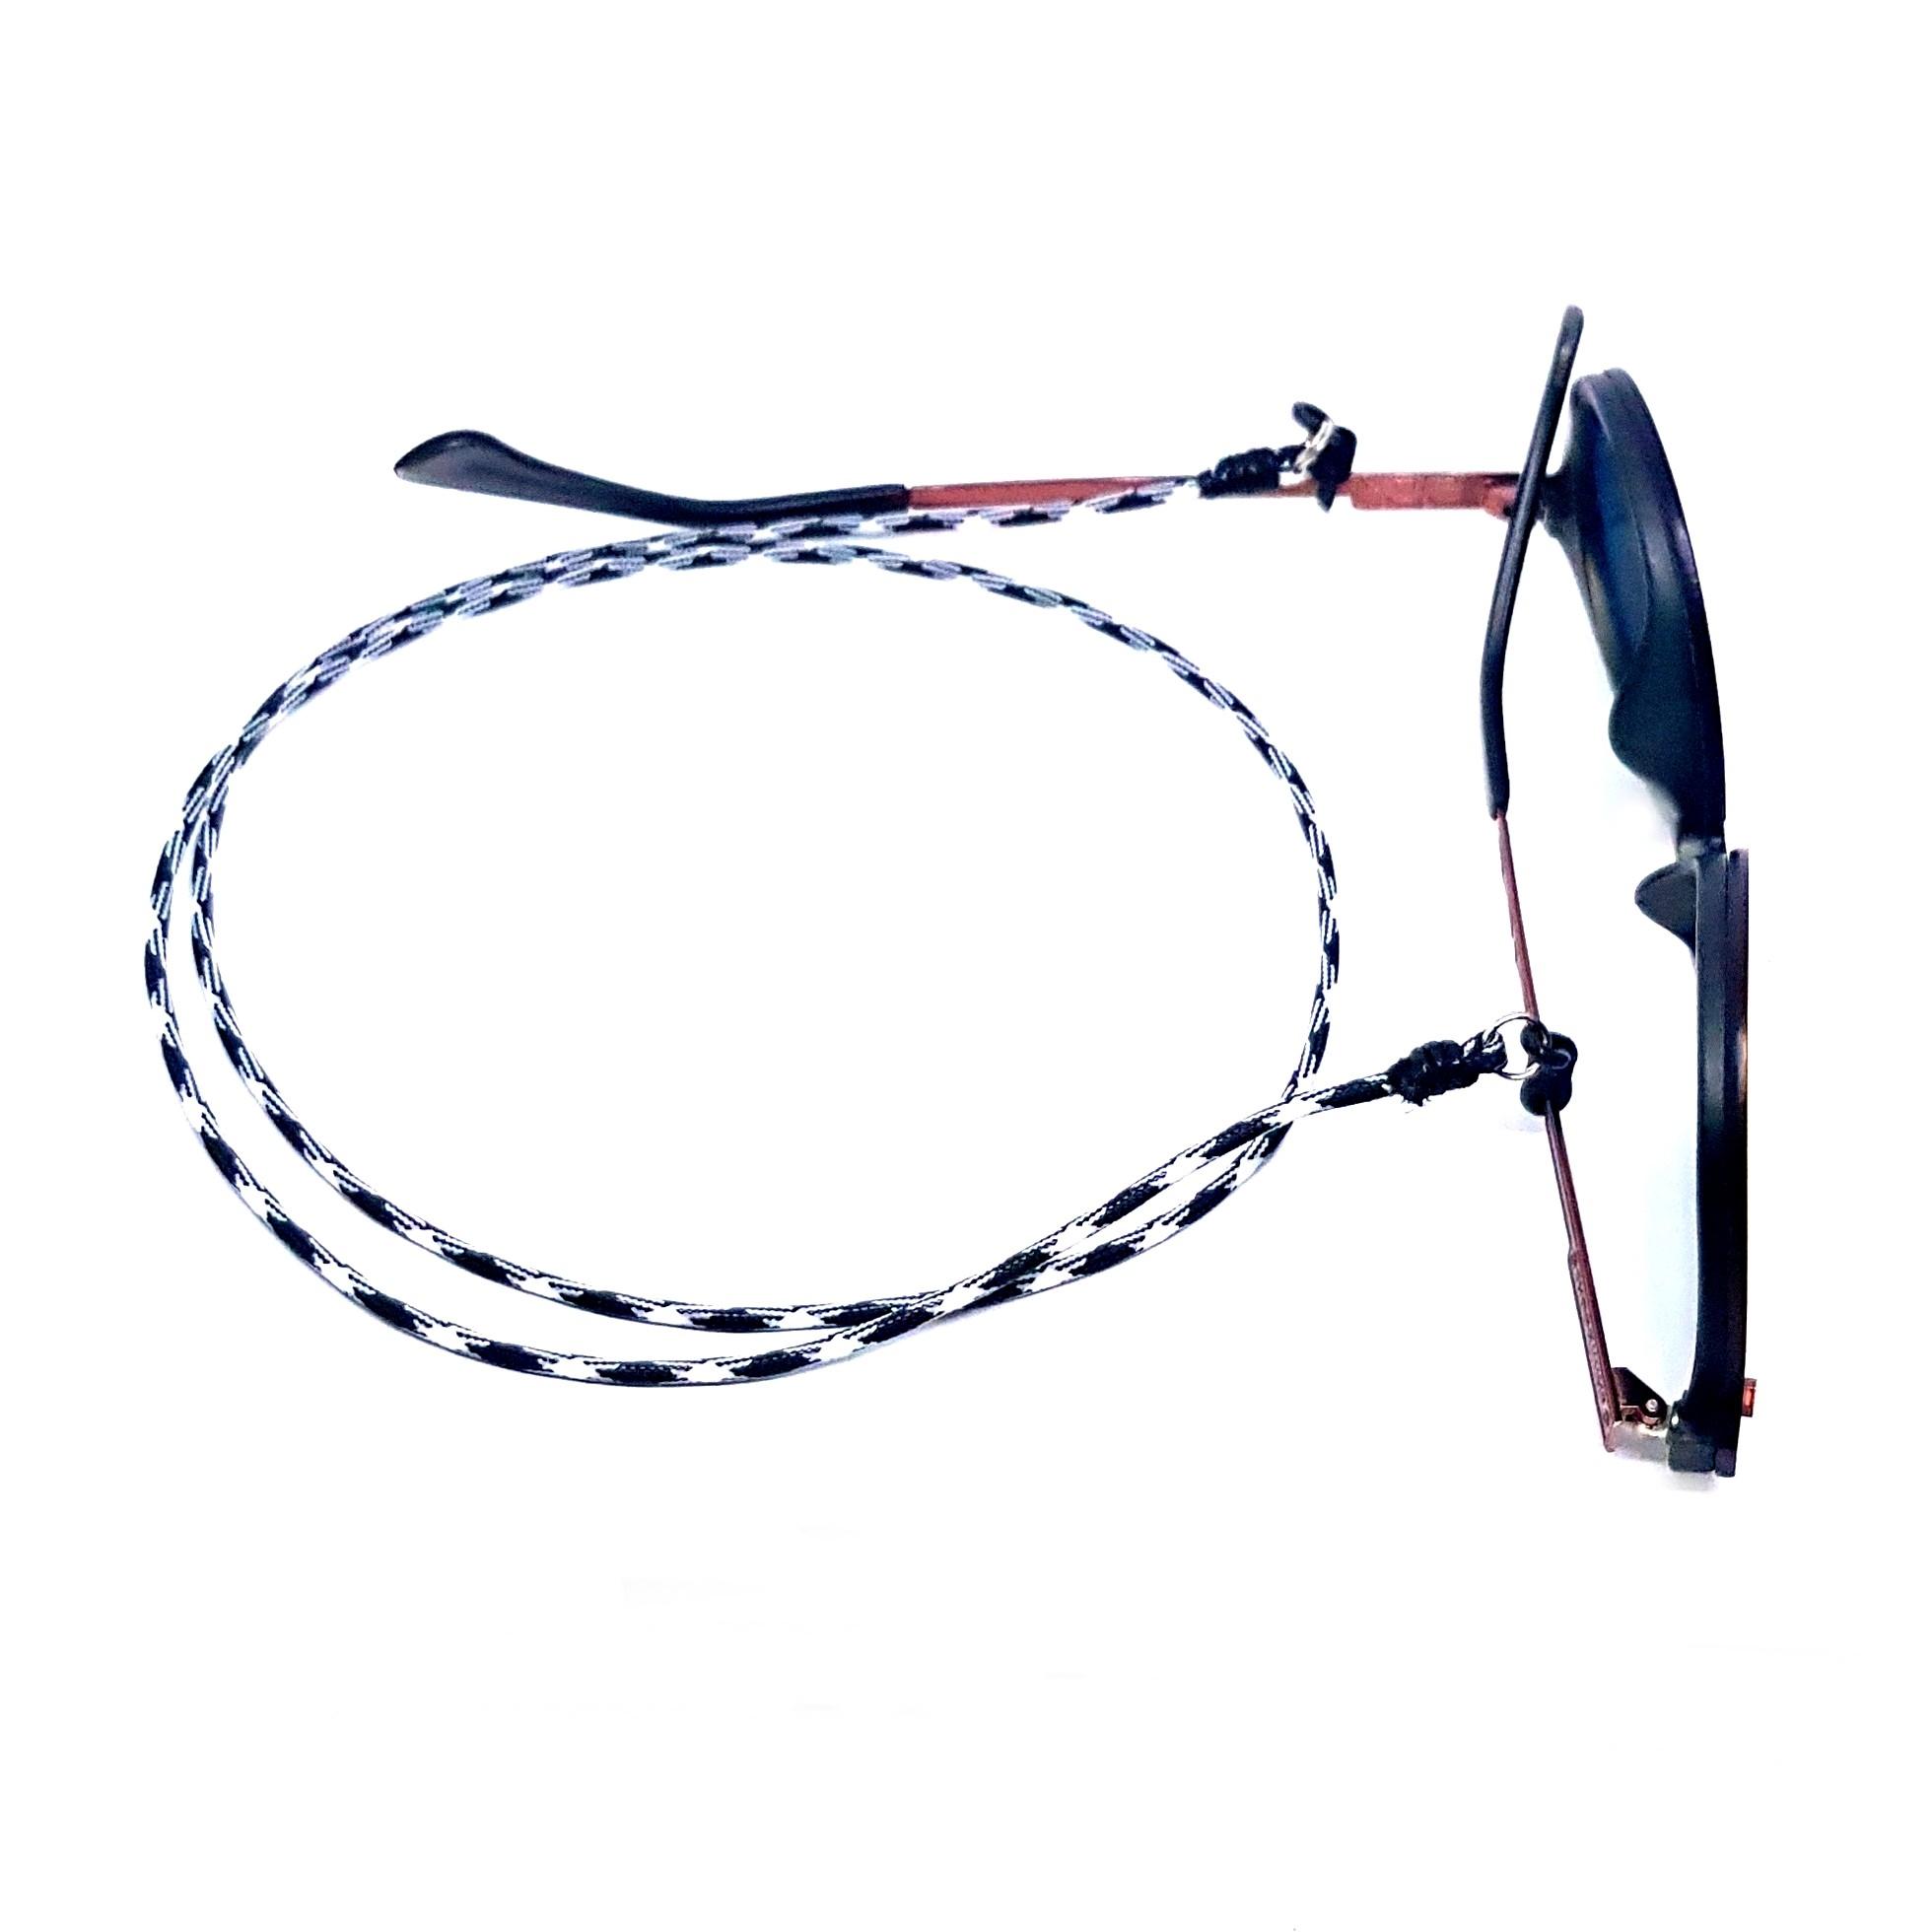 Cordão Empório Top Para Óculos Preto e Branco